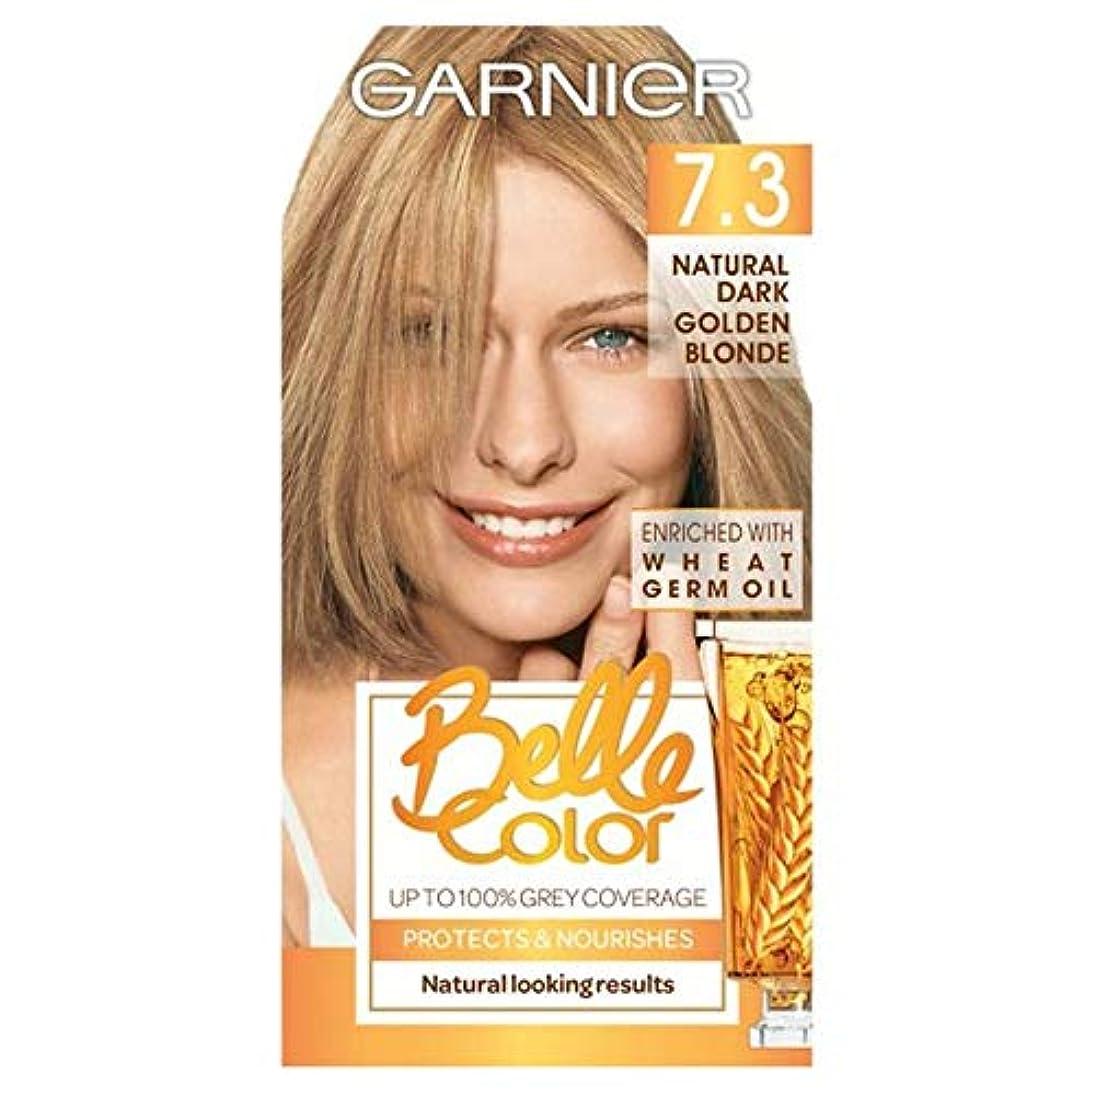 違反アイスクリーム細分化する[Belle Color] ガルニエベルカラー7.3暗い金色のブロンド - Garnier Belle Color 7.3 Dark Golden Blonde [並行輸入品]